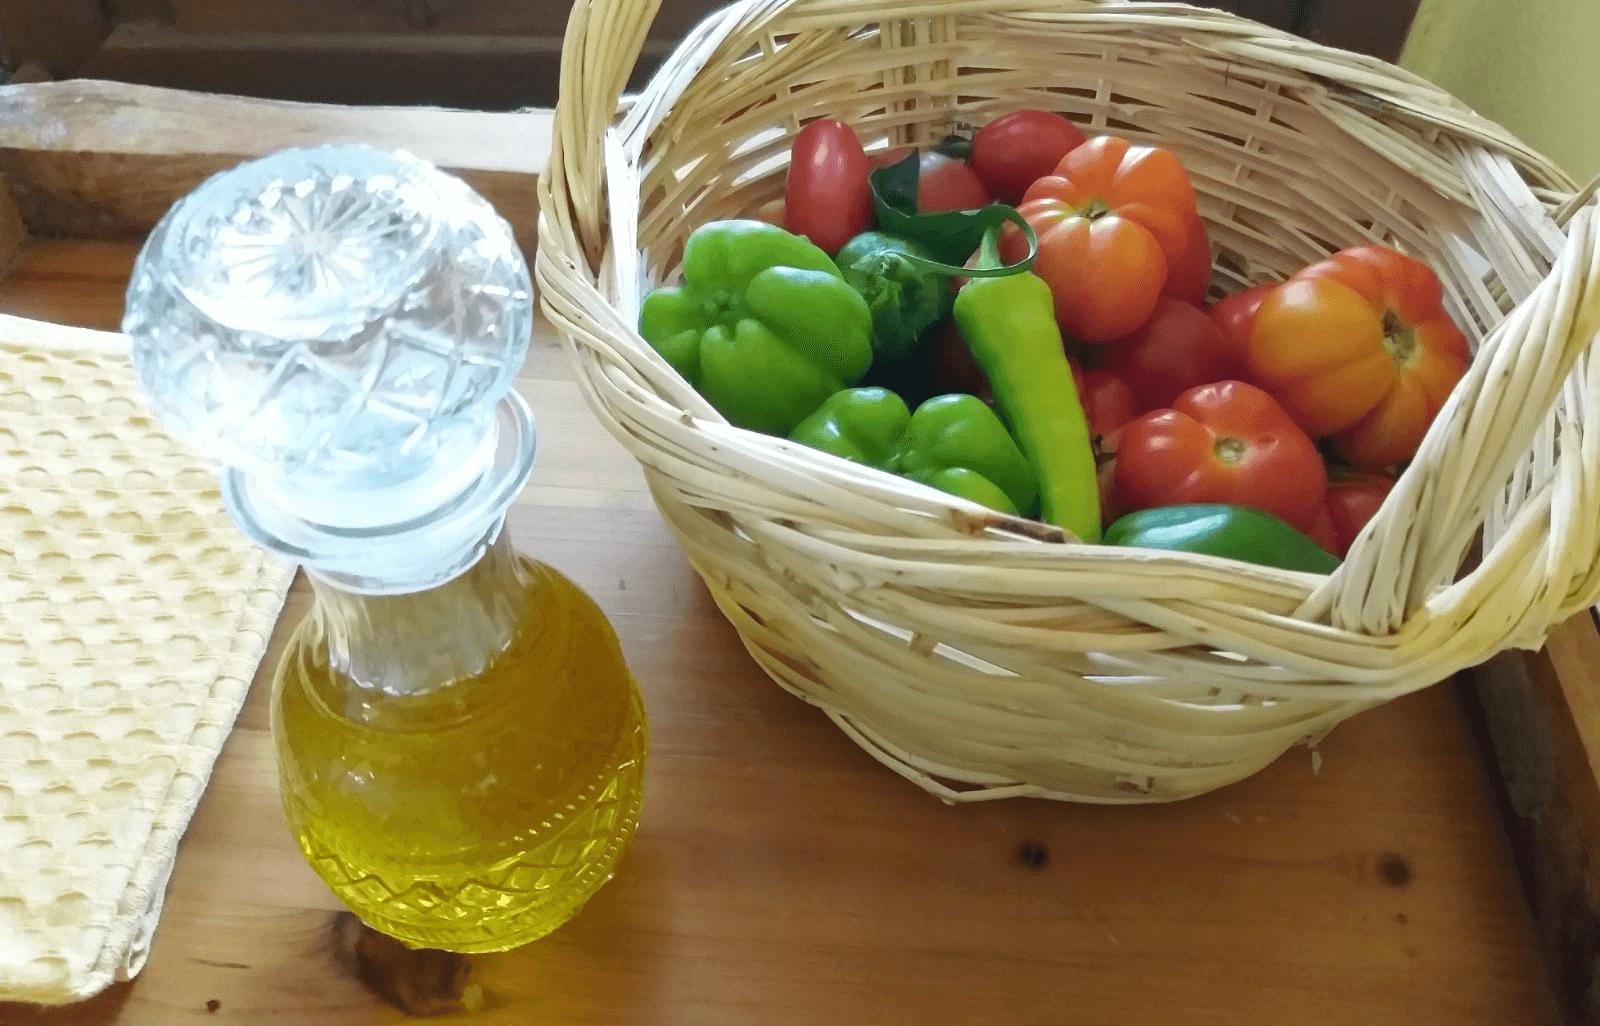 שמן זית וירקות מגן הירק של מלון Ta Petrina